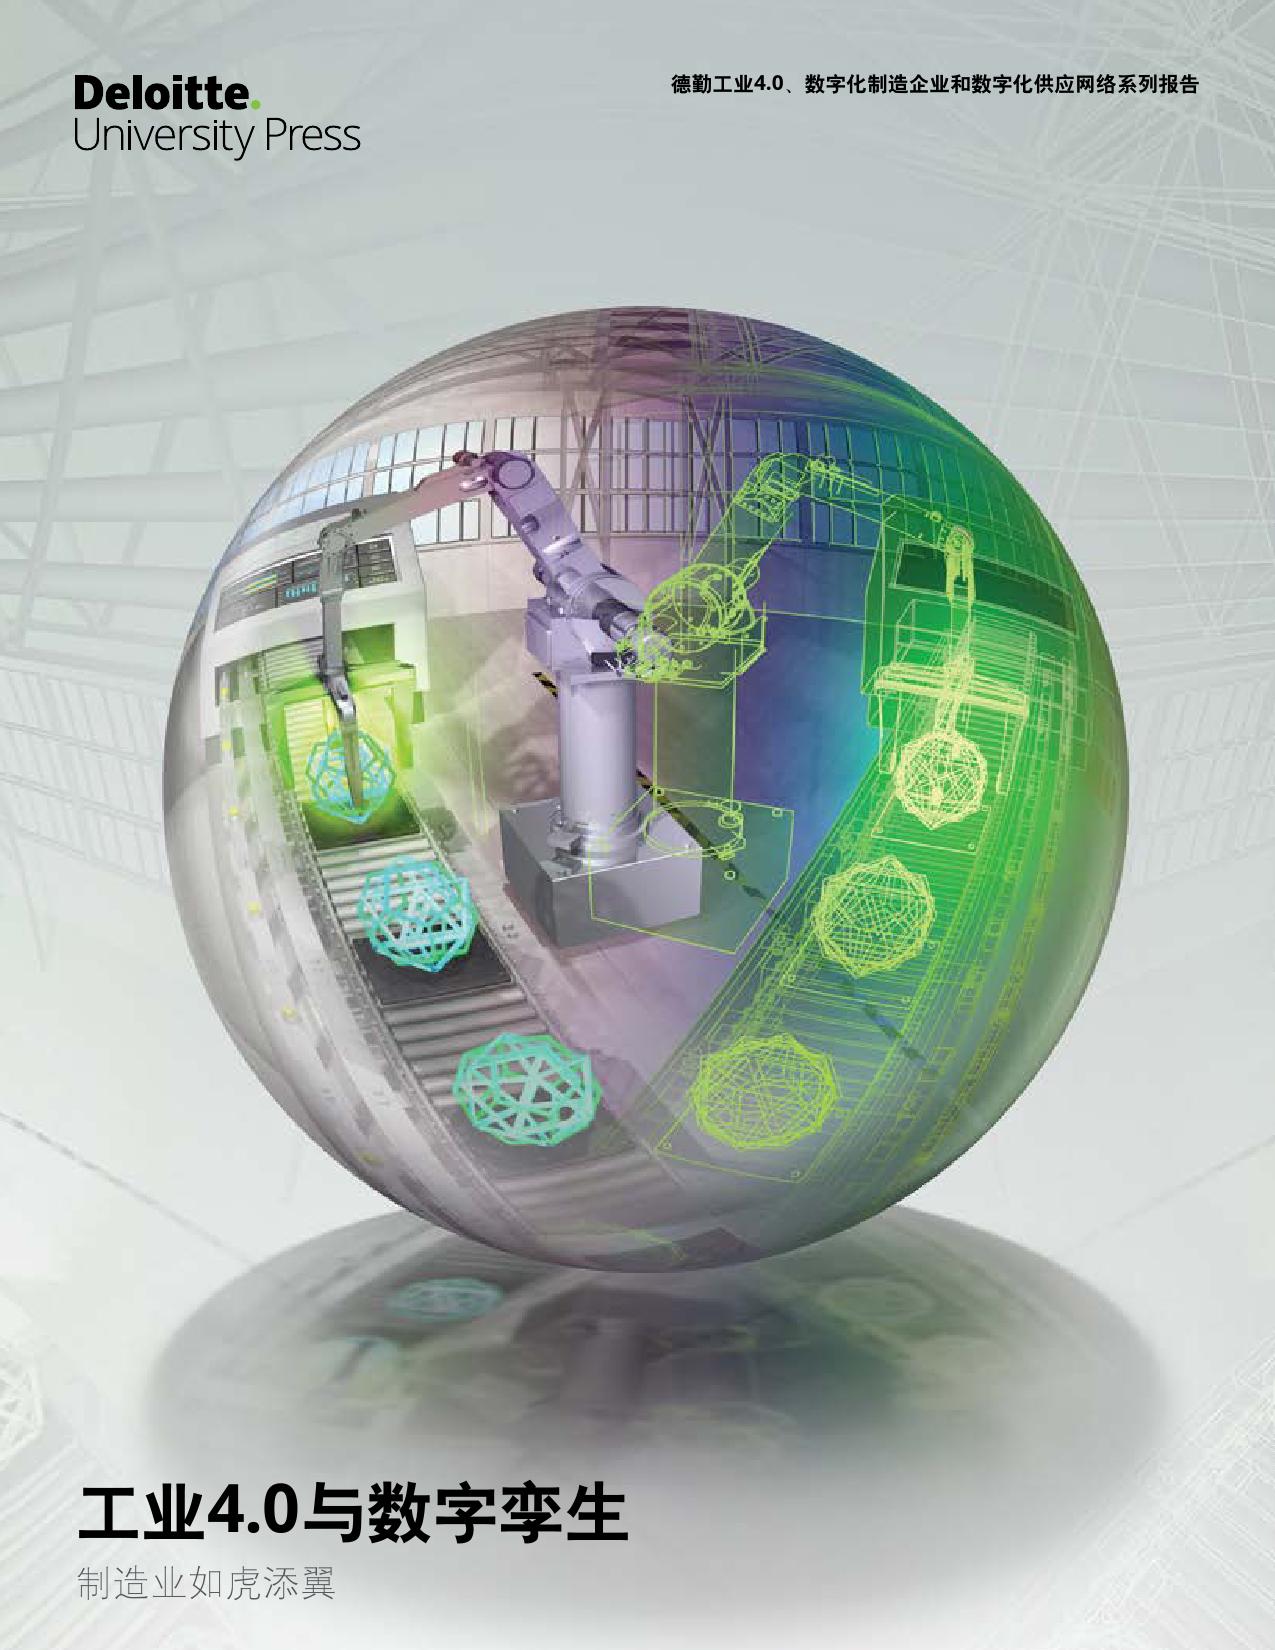 德勤咨询:工业4.0与数字孪生(附下载)